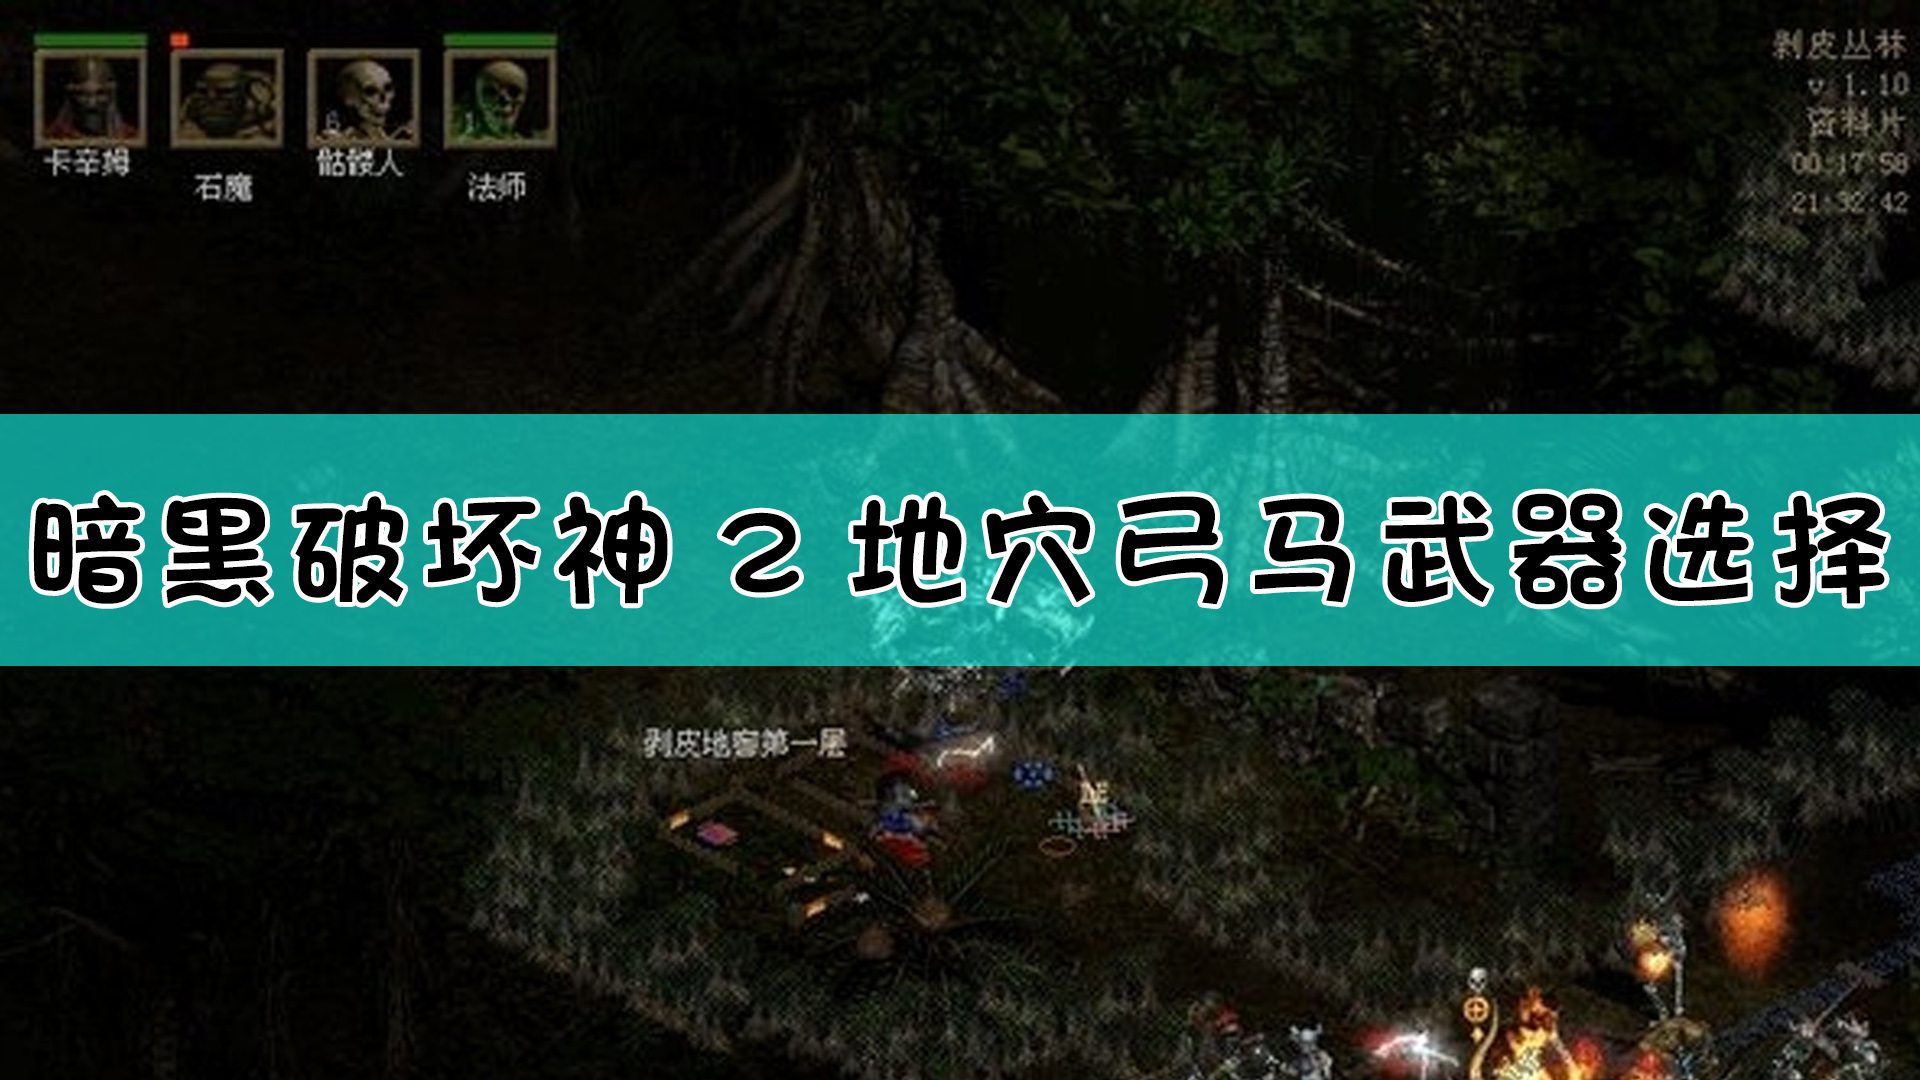 《暗黑破坏神2》地穴弓马各二挡弓搭配优劣粗略分析